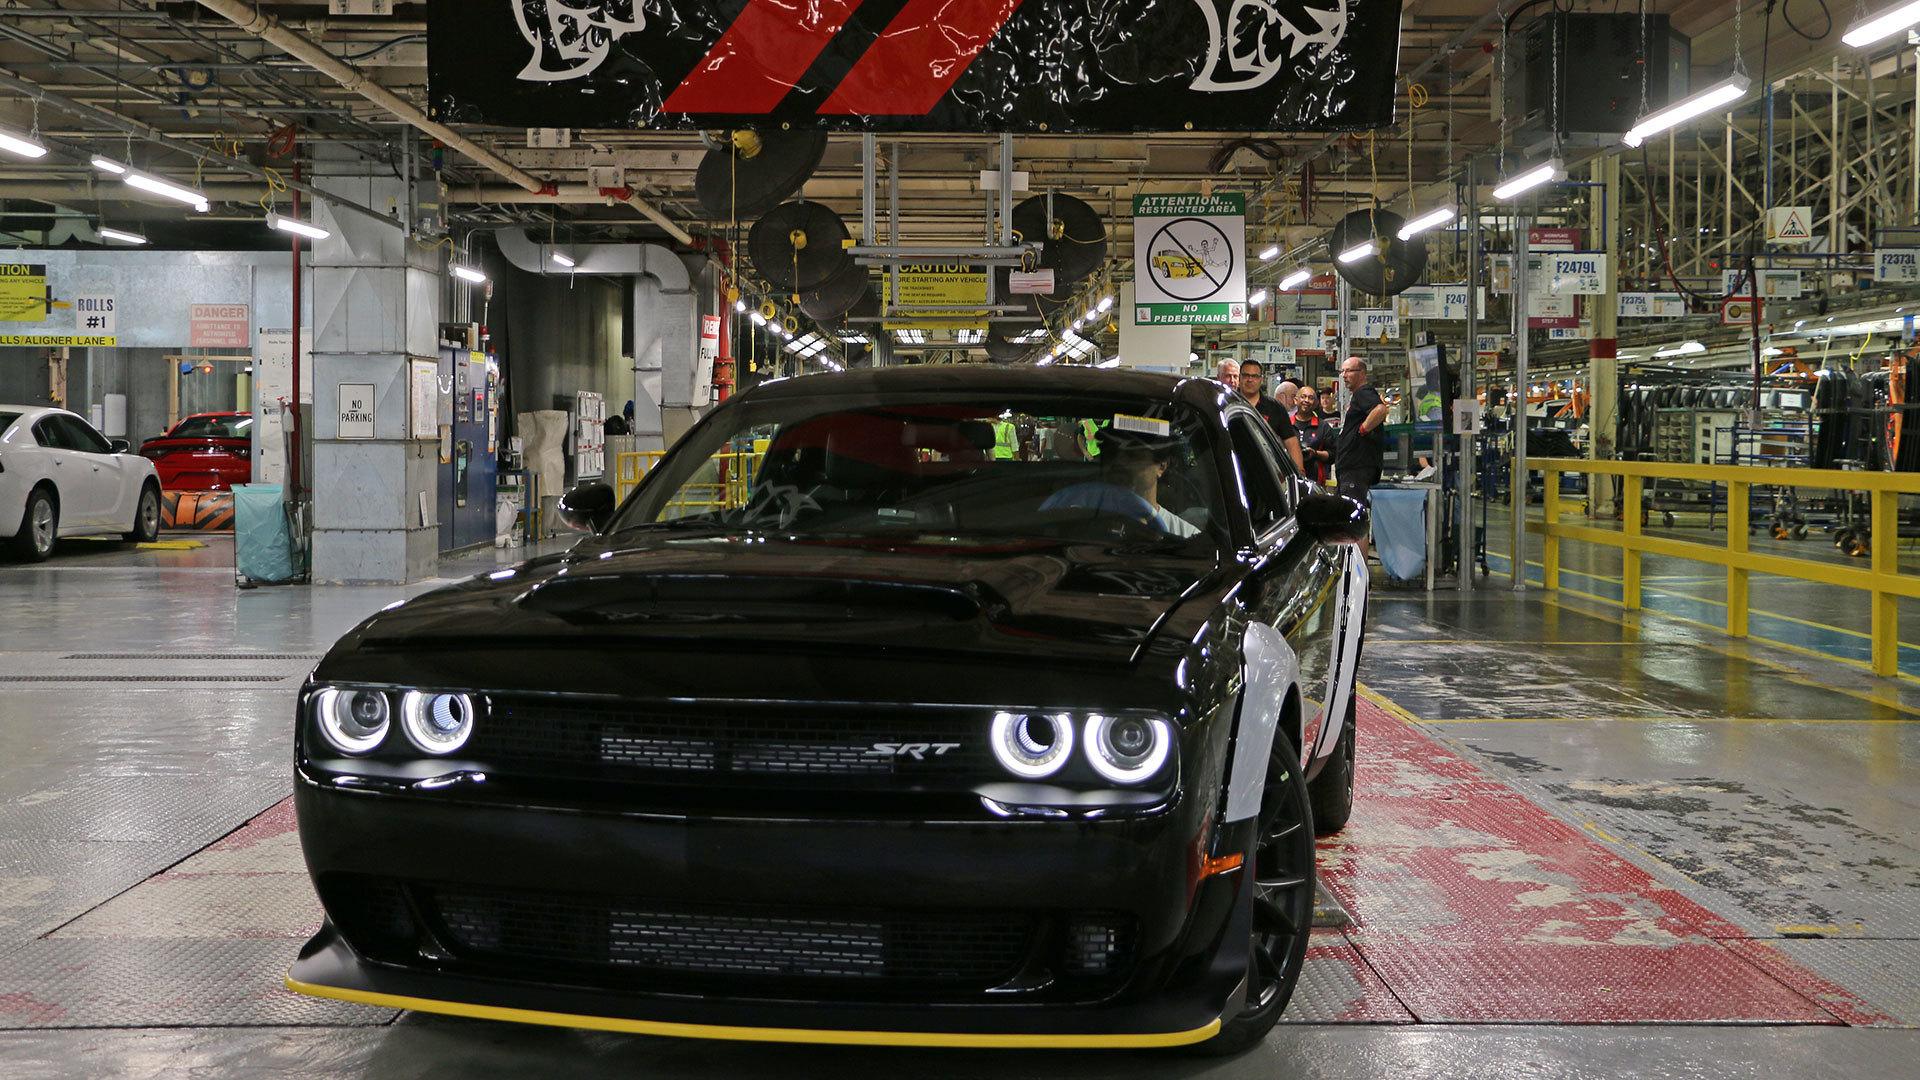 Ultimo Dodge Challenger Srt Demon Sera Leiloado Jornal Do Carro Estadao